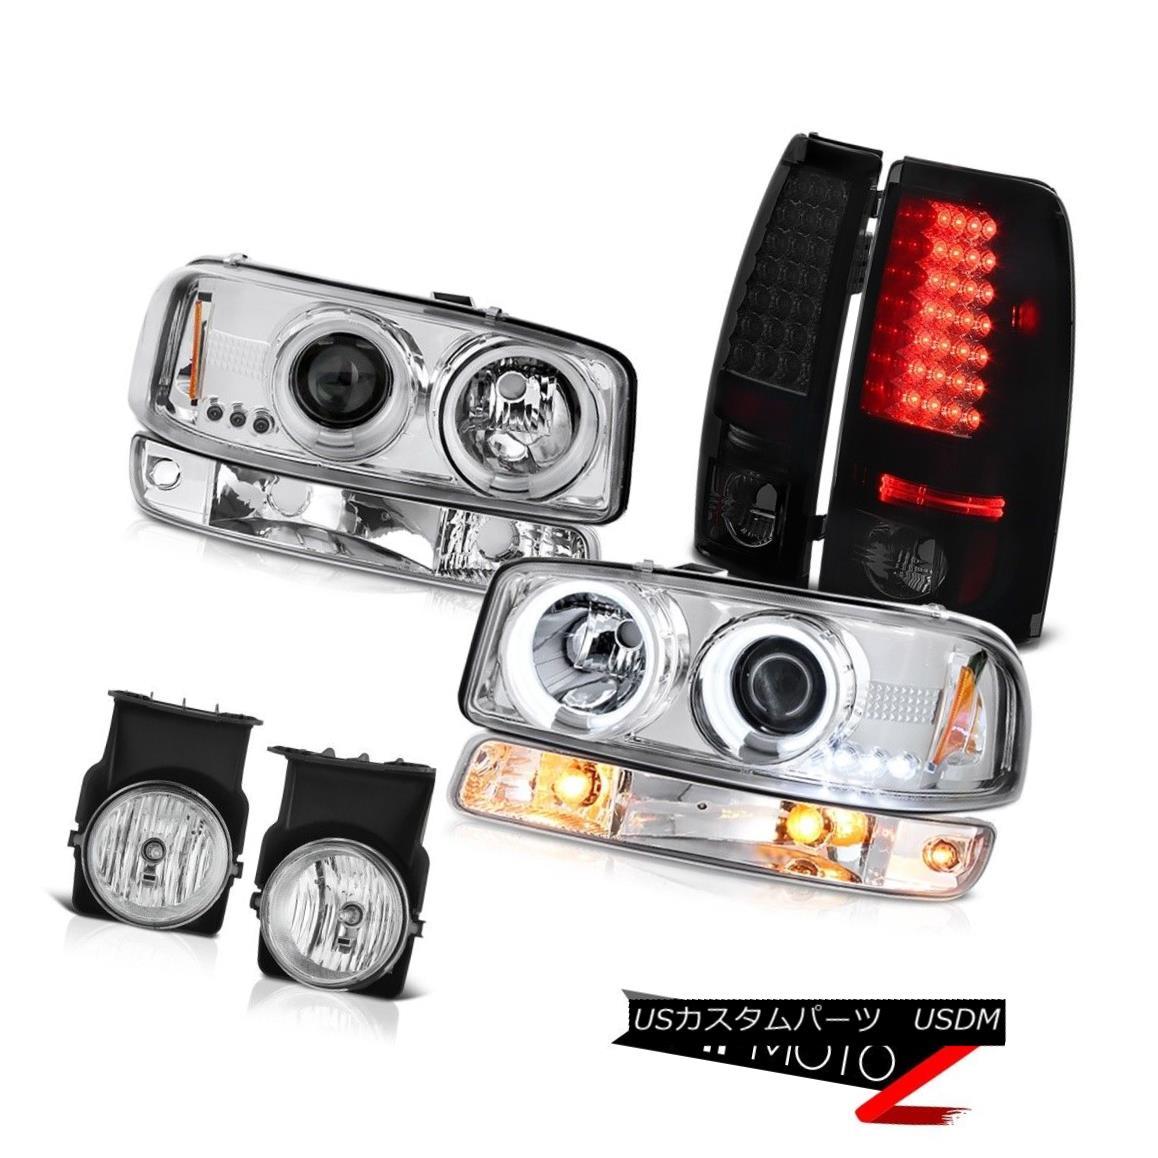 テールライト 03 04 05 06 Sierra 2500 Fog lights tail parking light ccfl projector Headlamps 03 04 05 06 Sierra 2500フォグライトテールパーキングライトccflプロジェクターヘッドランプ